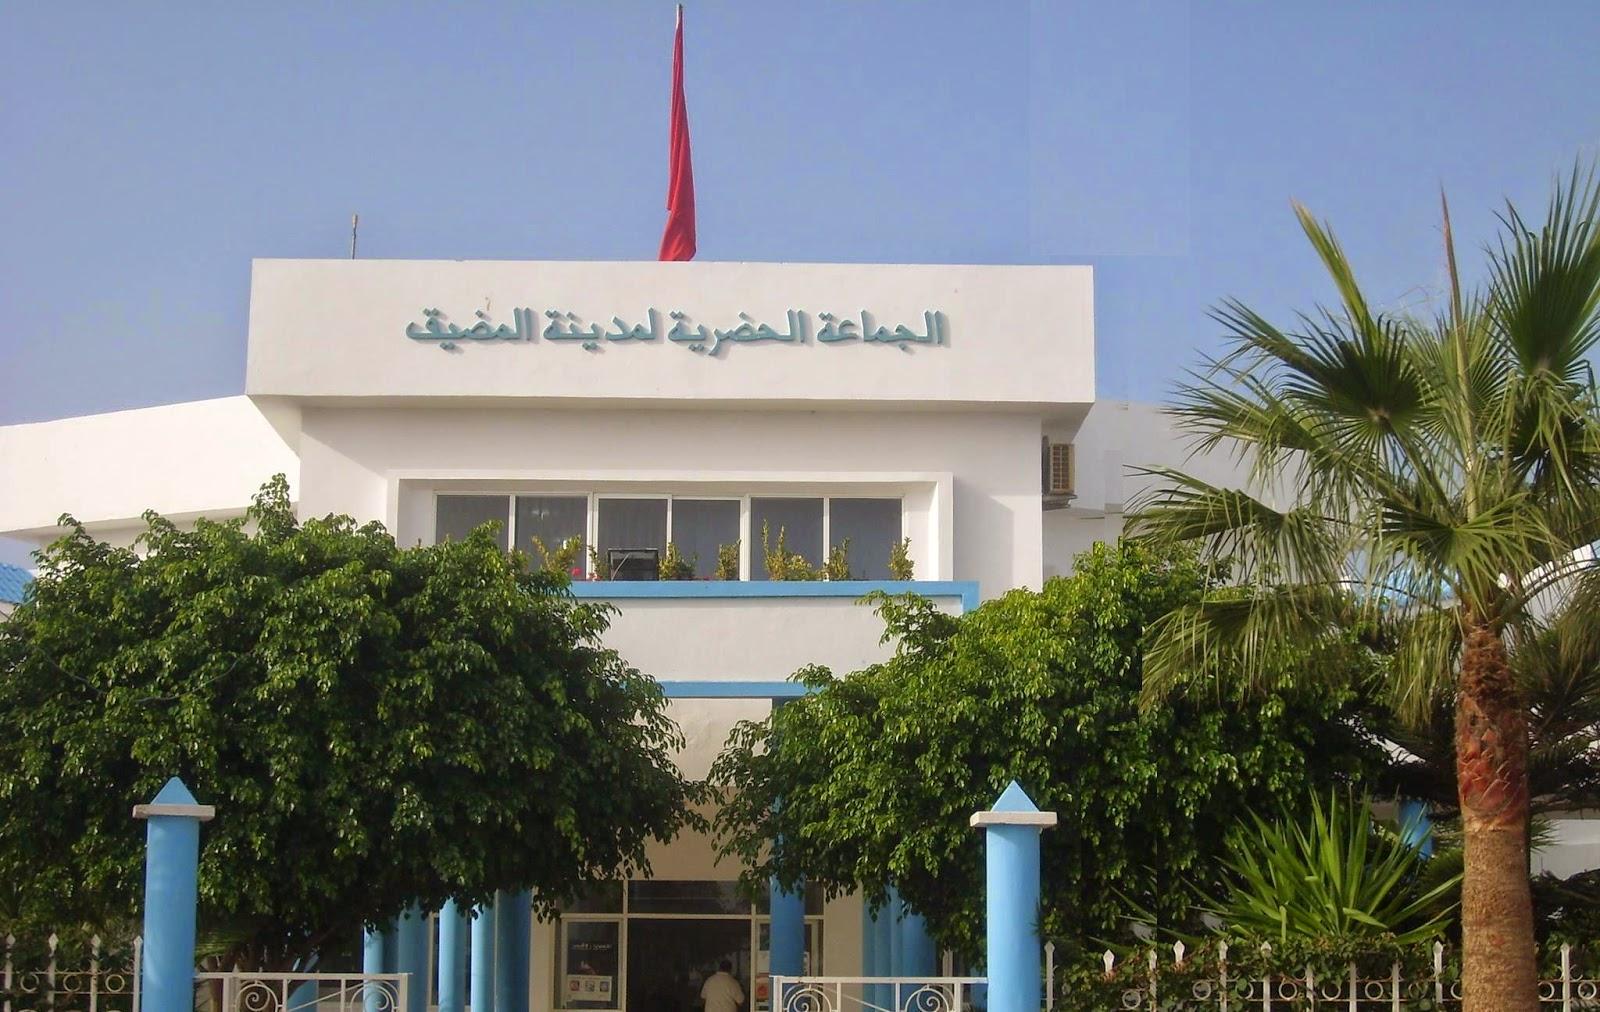 لجنة تفتيش تابعة لوزارة الداخلية تبحث خروقات التسيير بجماعة المضيق